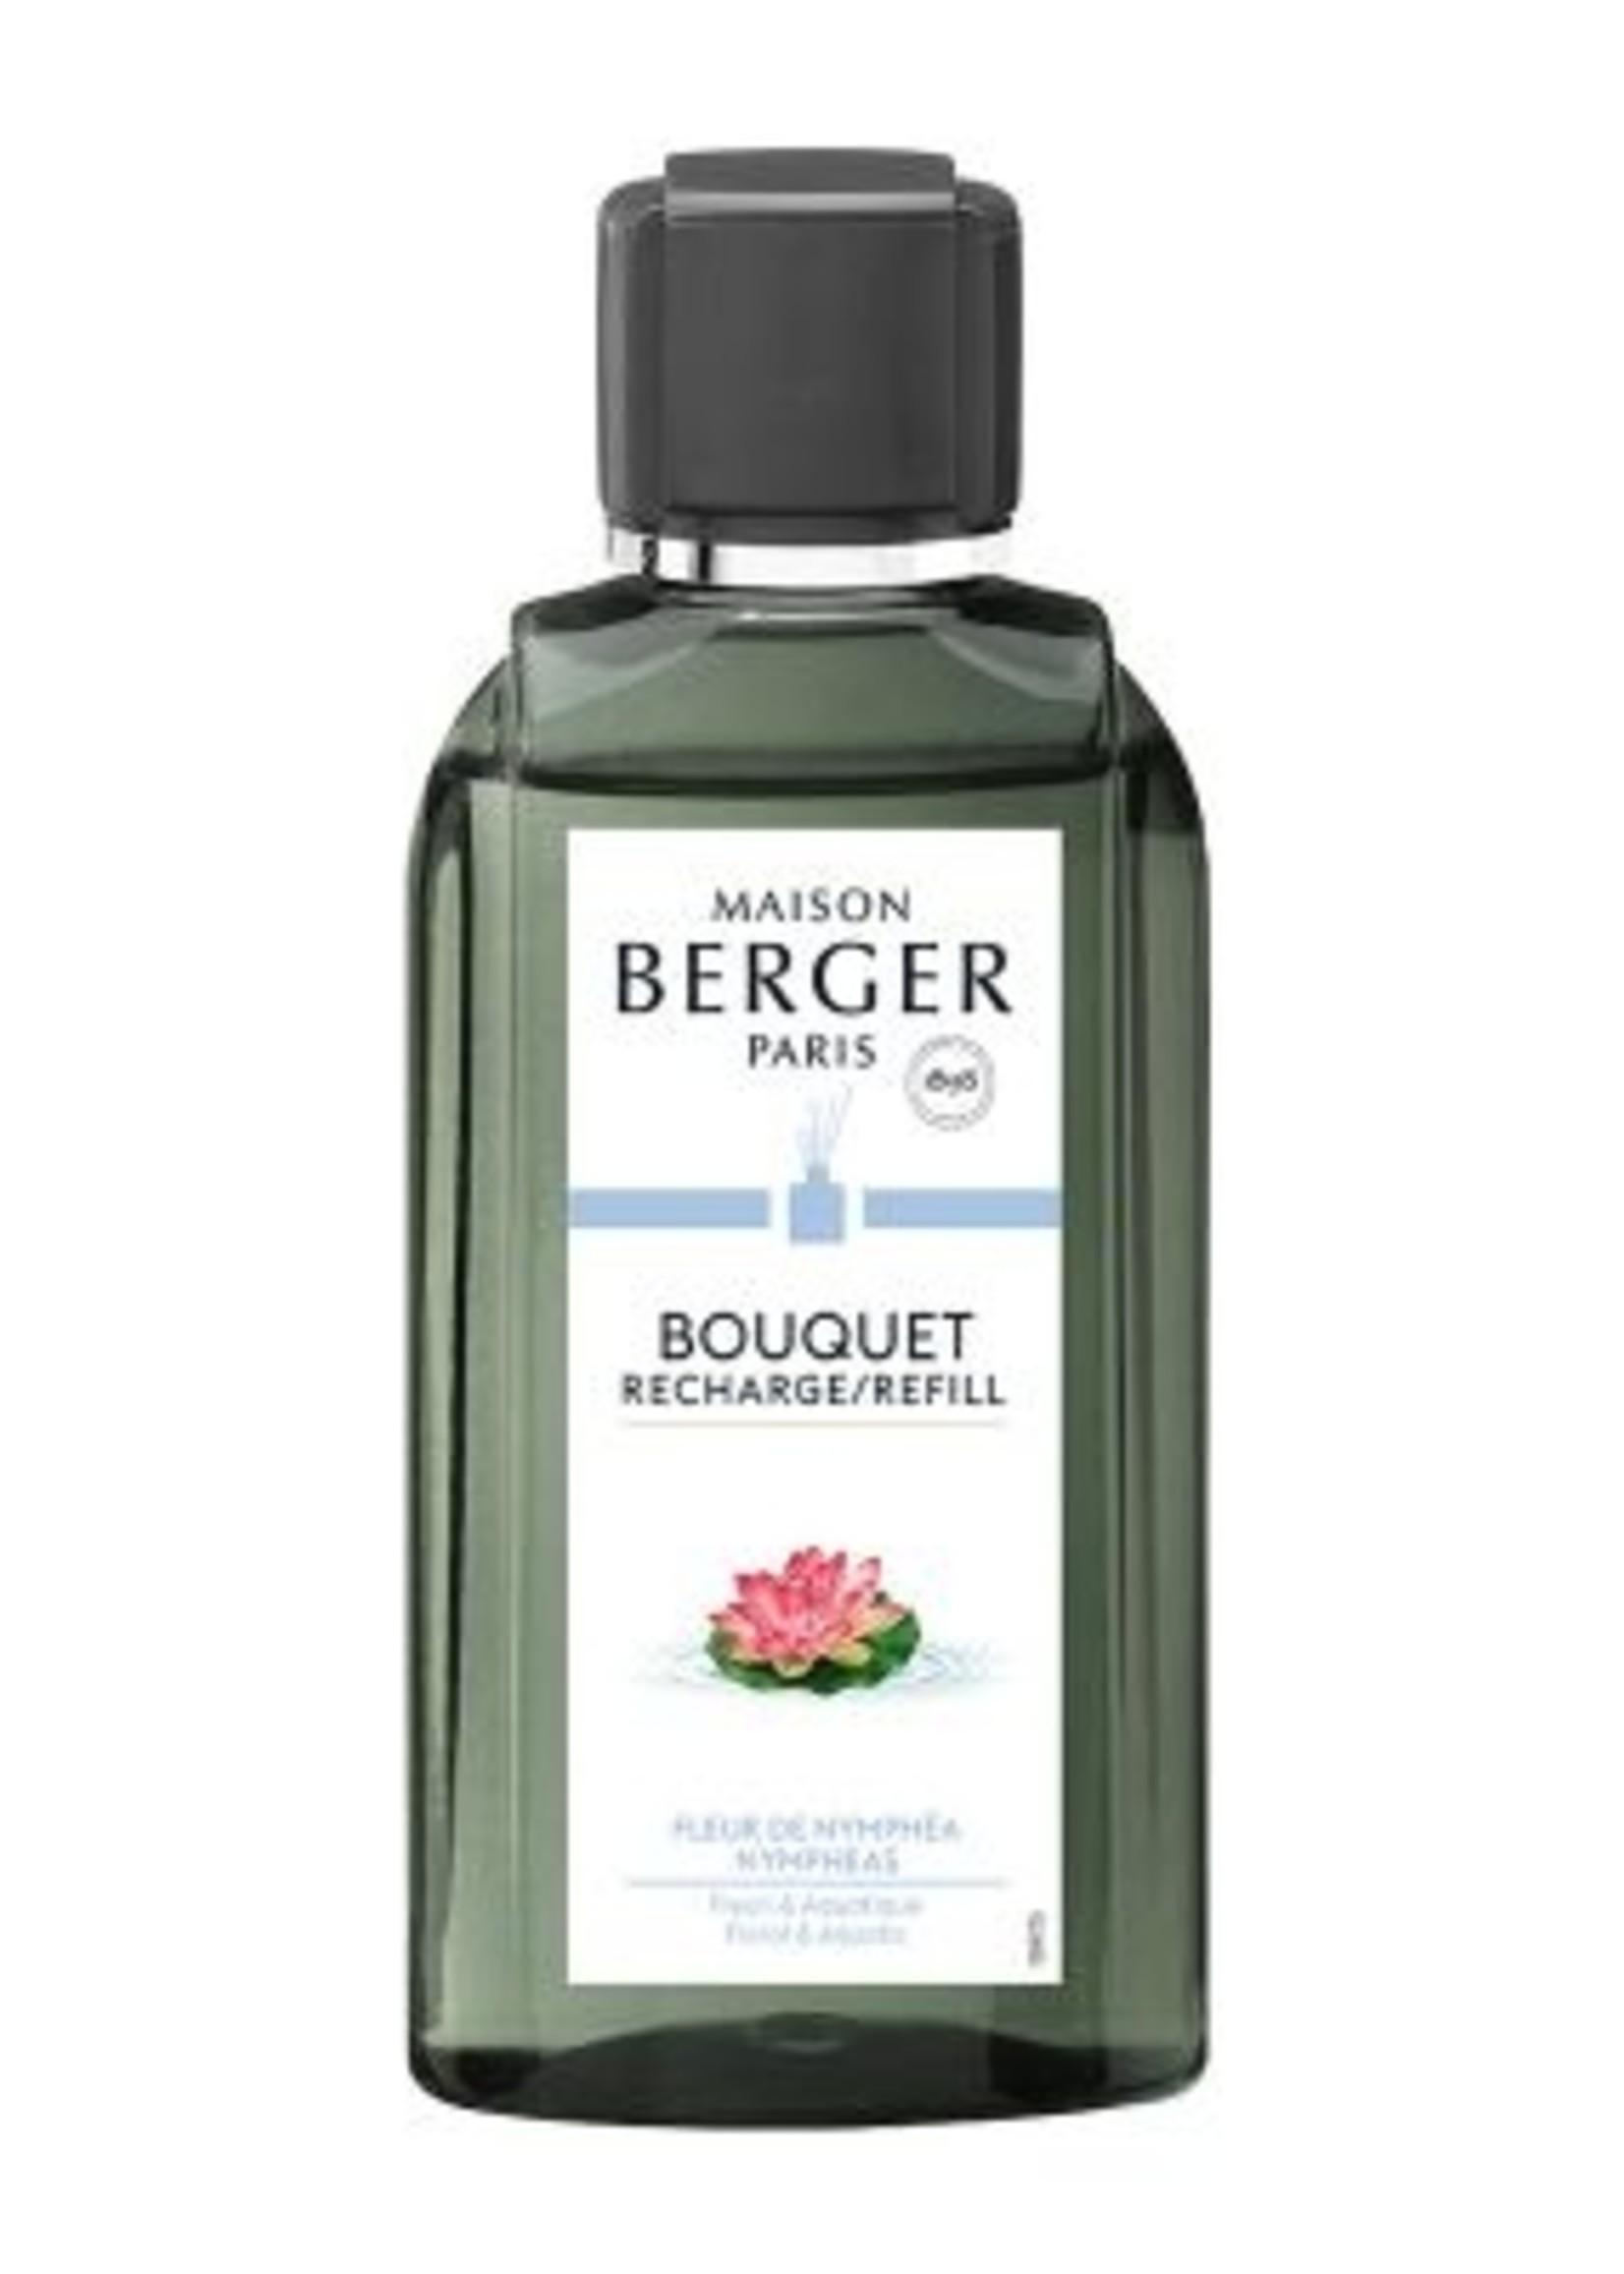 Parfum de Berger Navulling Parfum Berger Fleur de Nymphéa